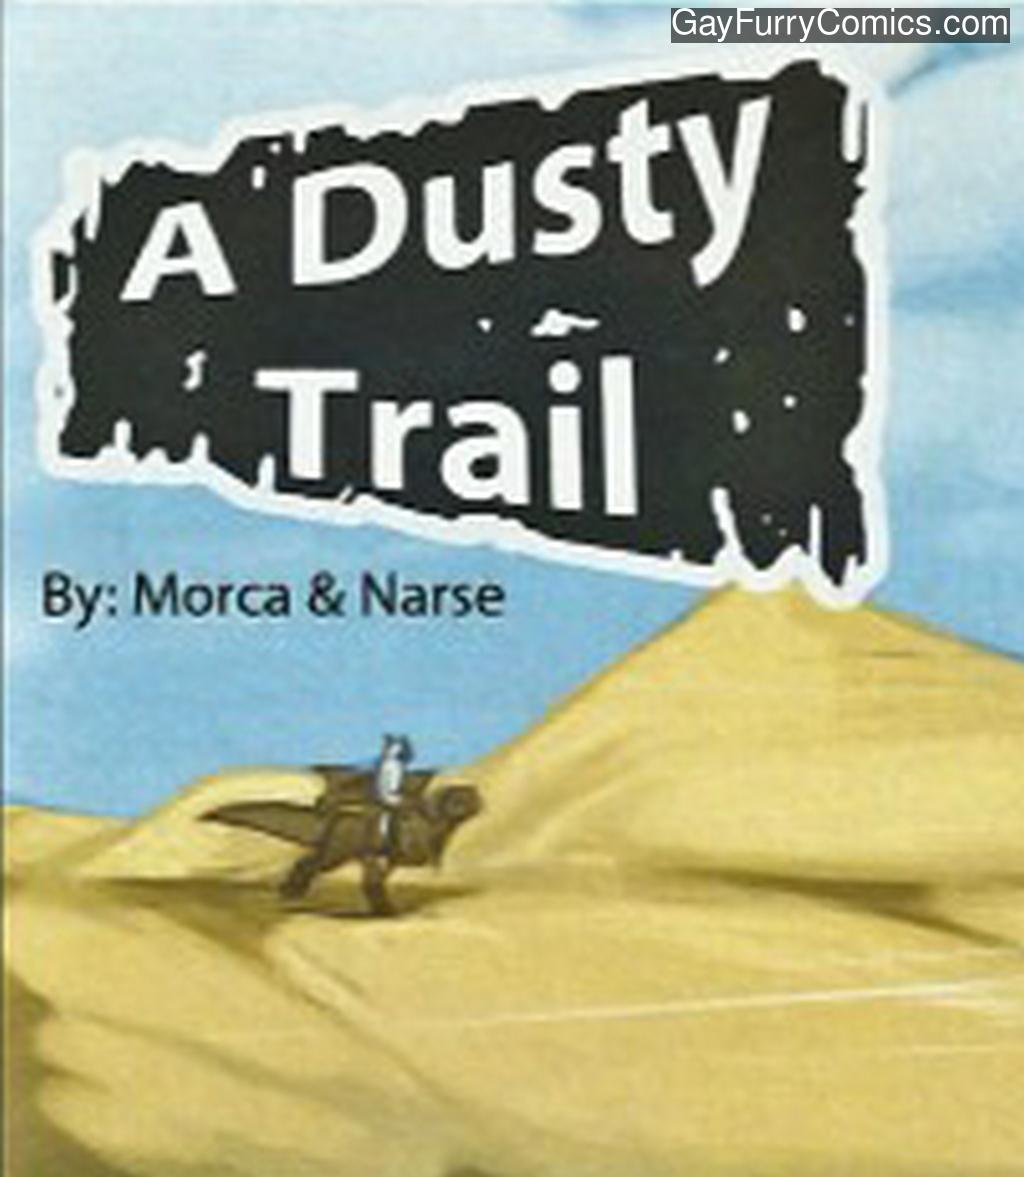 A Dusty Trail gay furry comic